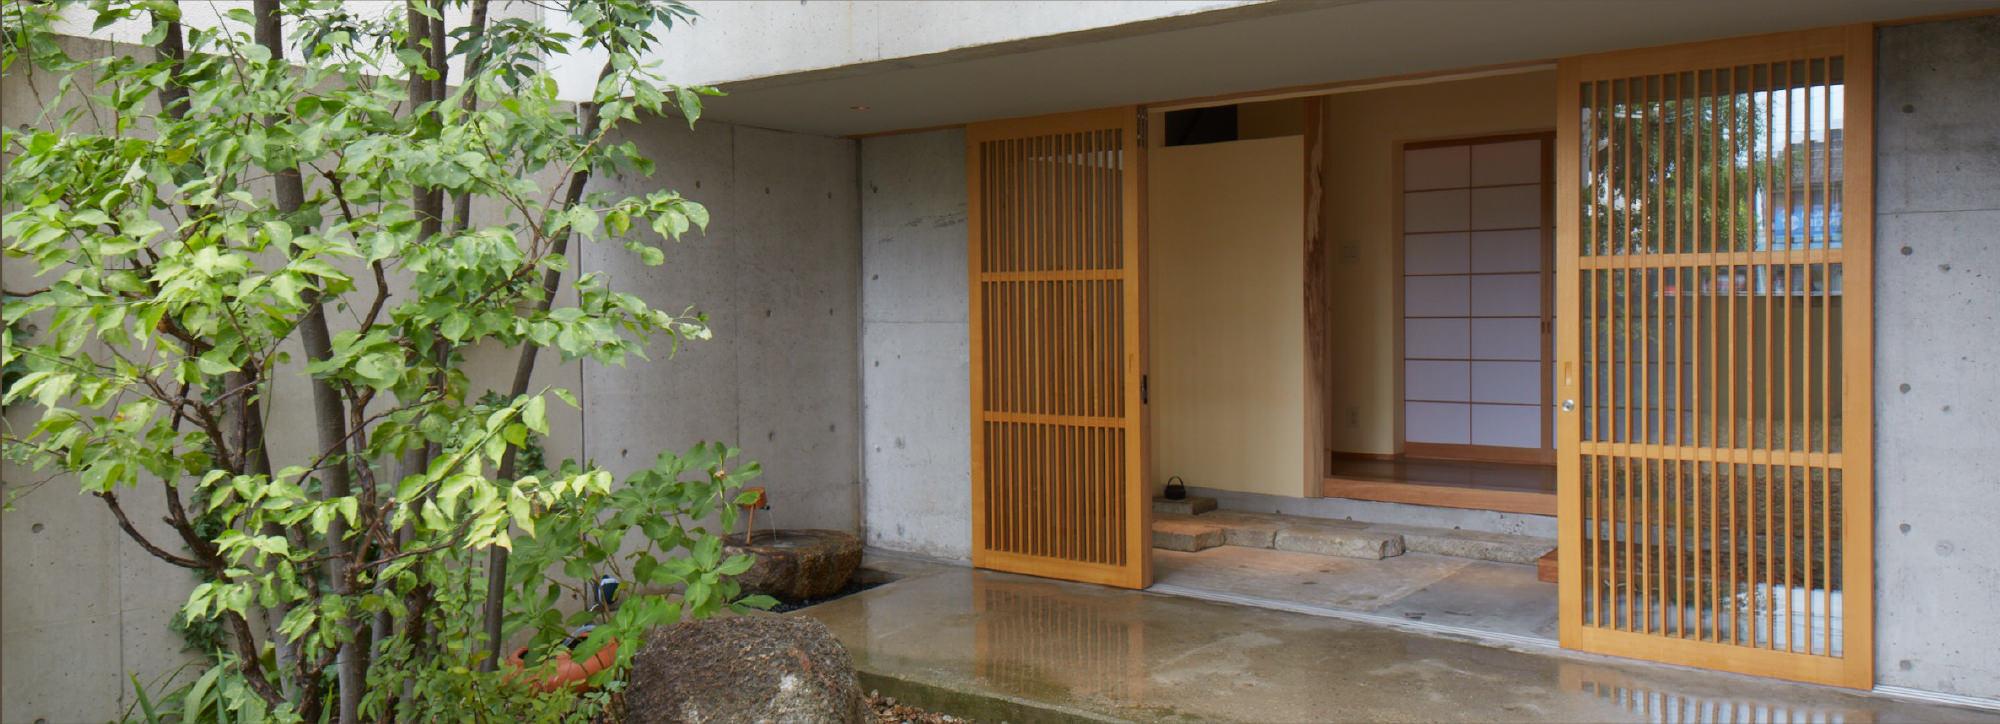 SAKAINOMA RESIDENCE 錦 image